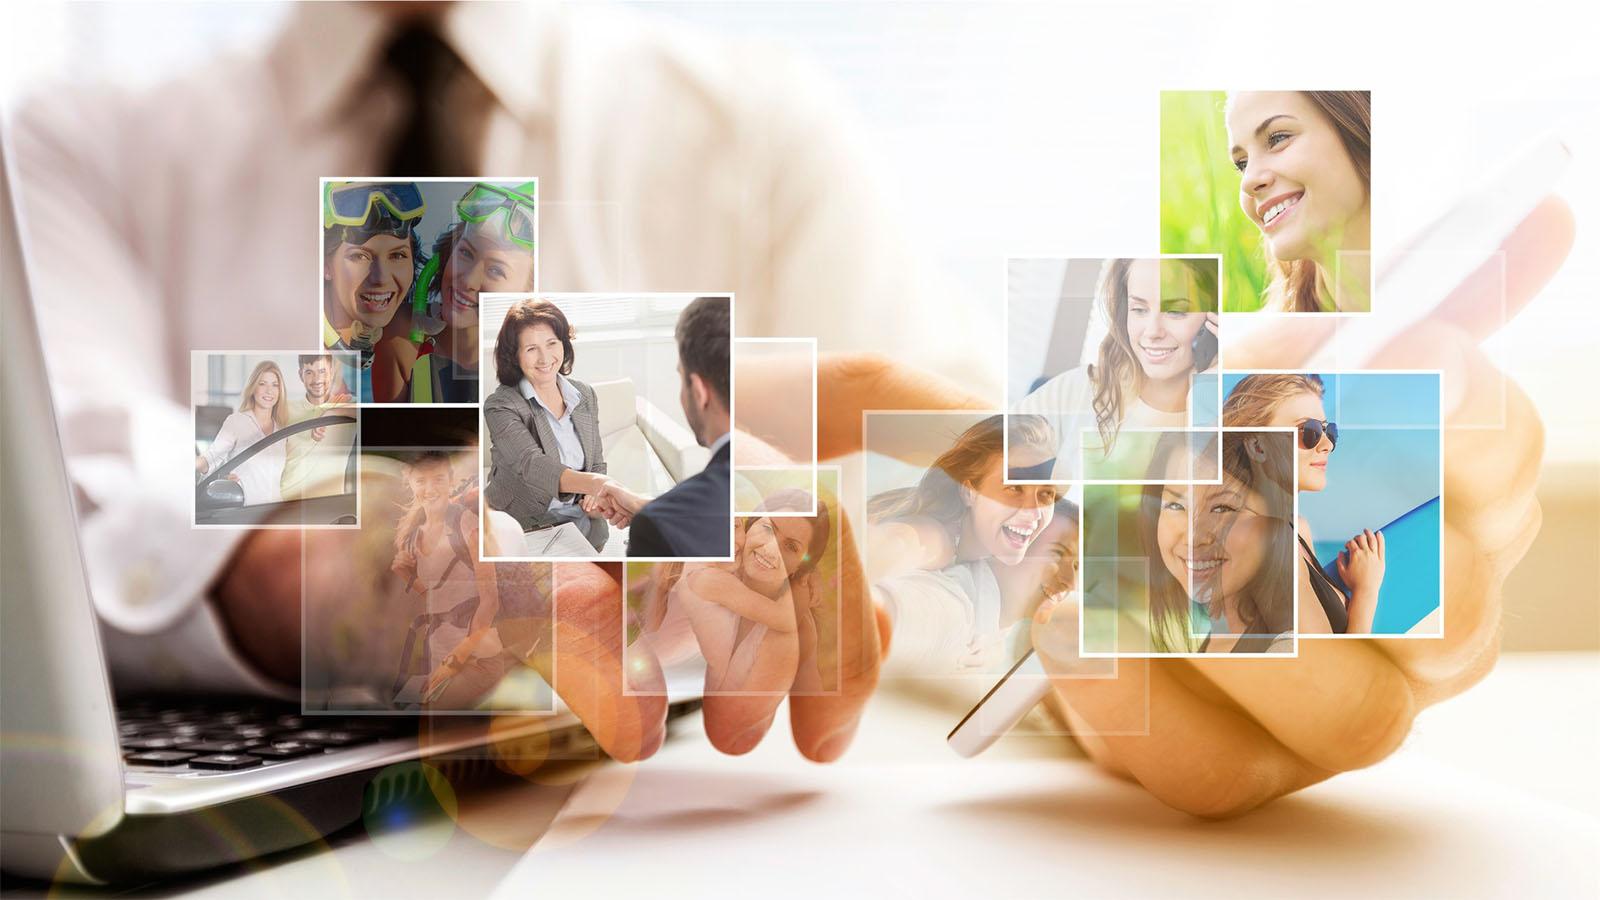 Microsoft Office, Outlook Empresarial – Gestão do Tempo e da Comunicação